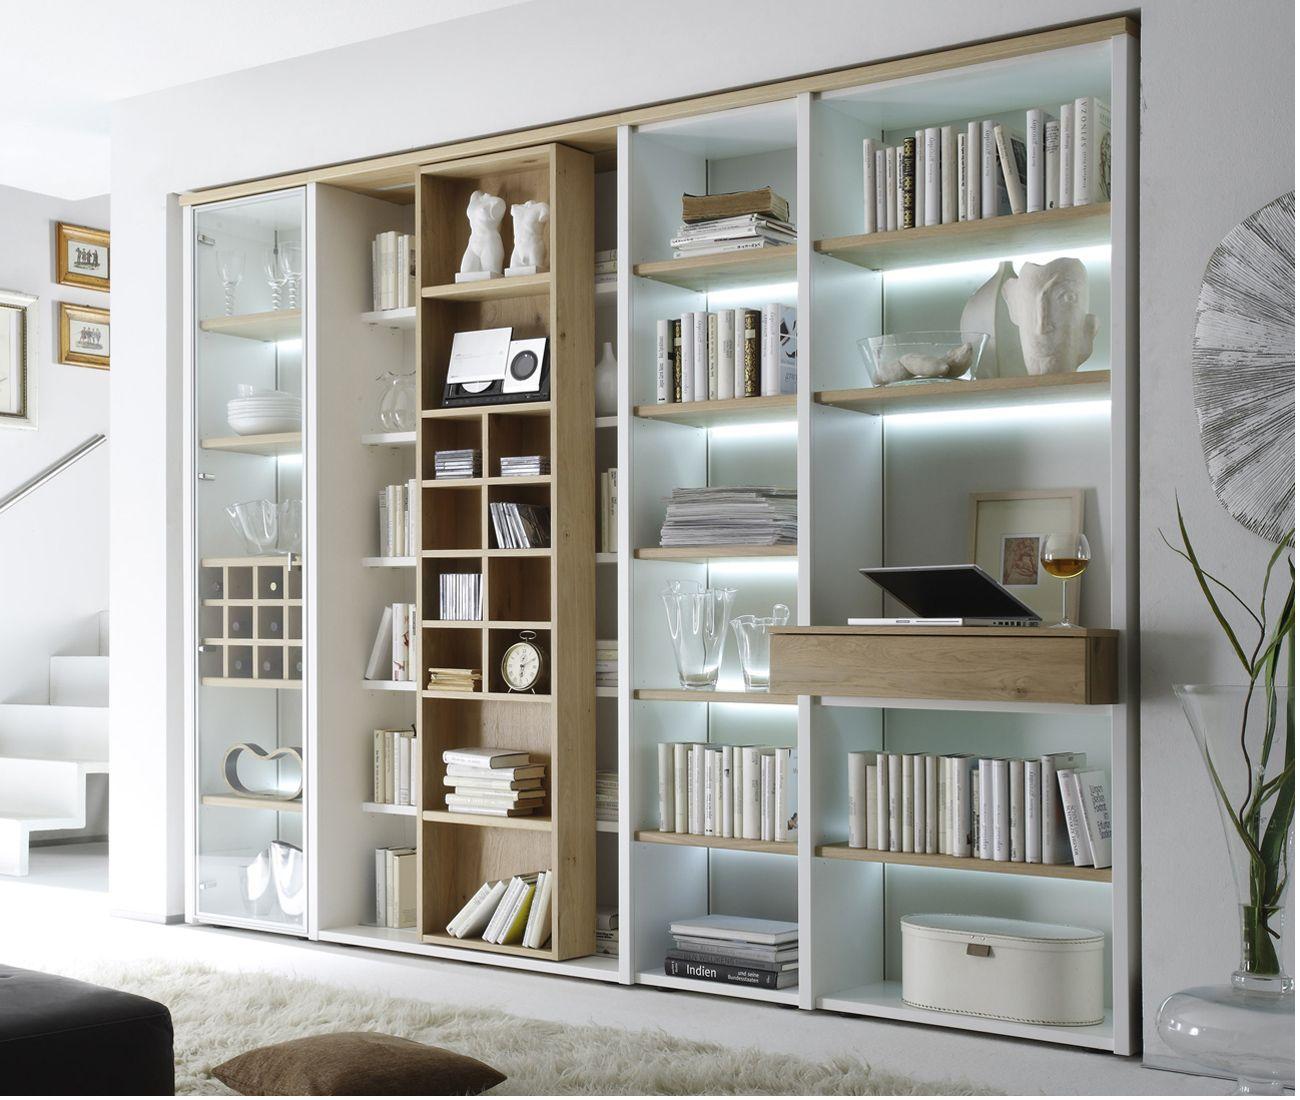 regalsystem wehrsdorder e milieu wohnen b ro office regale pinterest wohnen regal und m bel. Black Bedroom Furniture Sets. Home Design Ideas